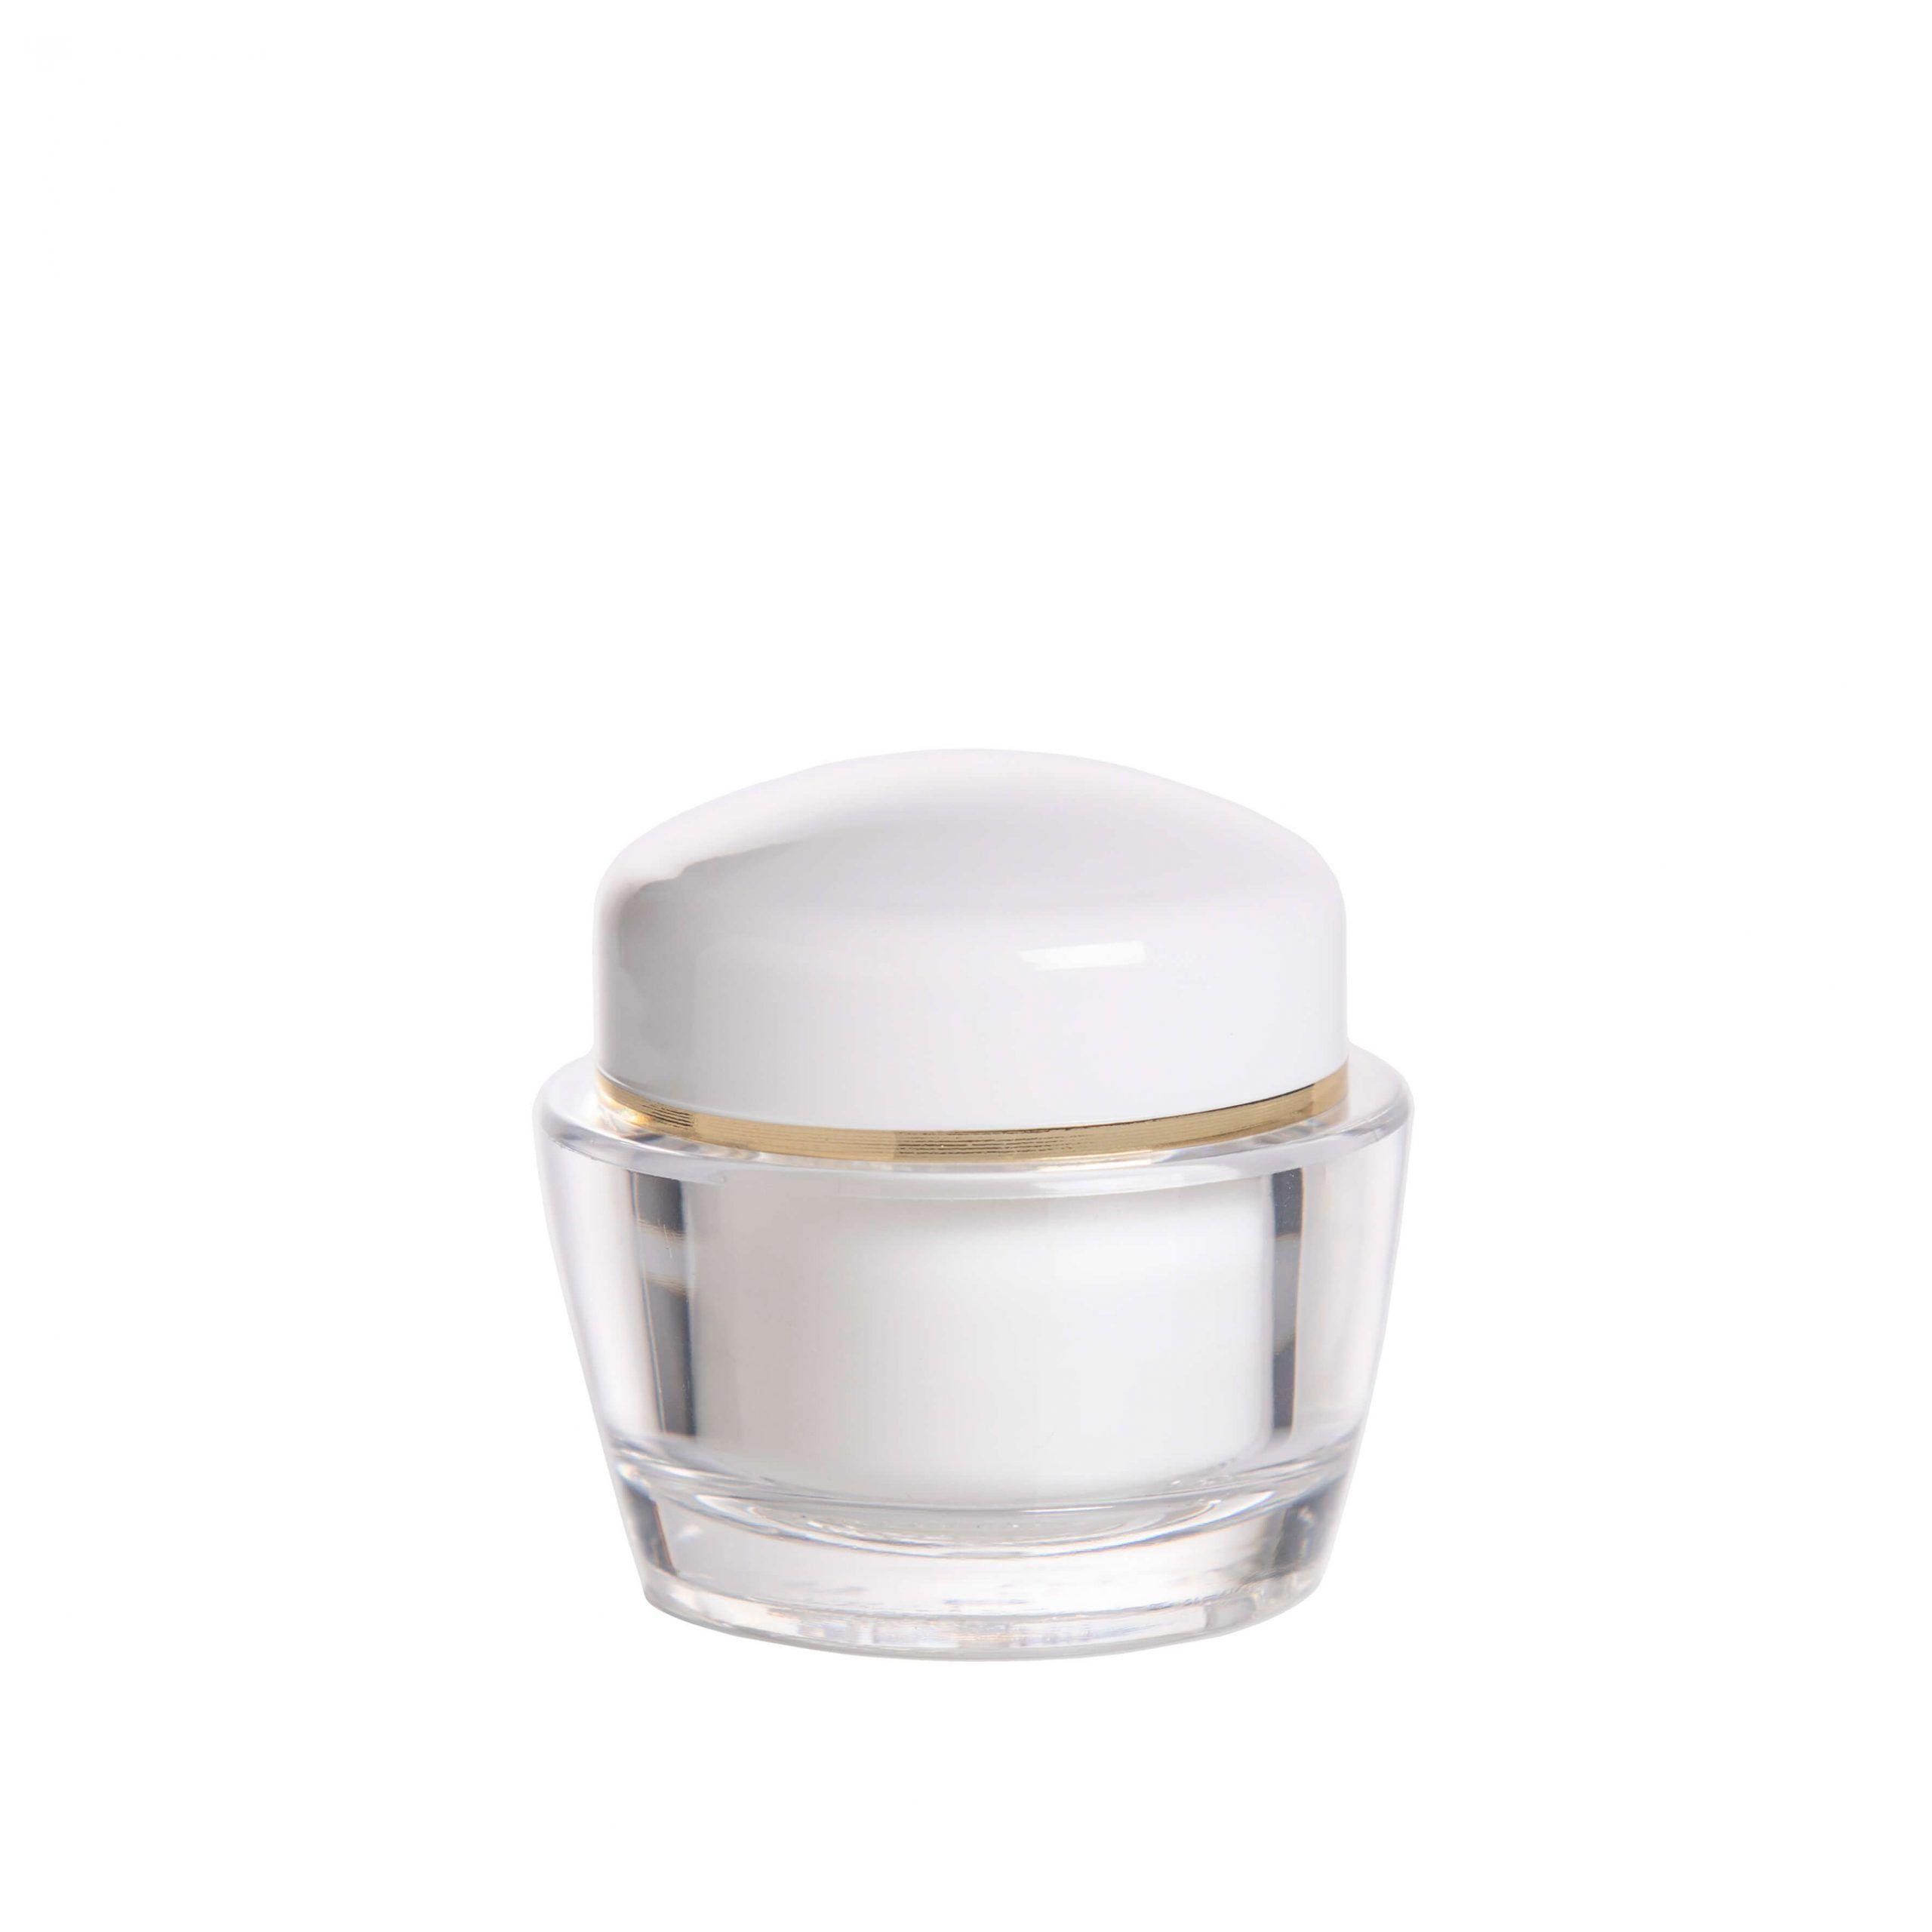 envase cosmetico blanco